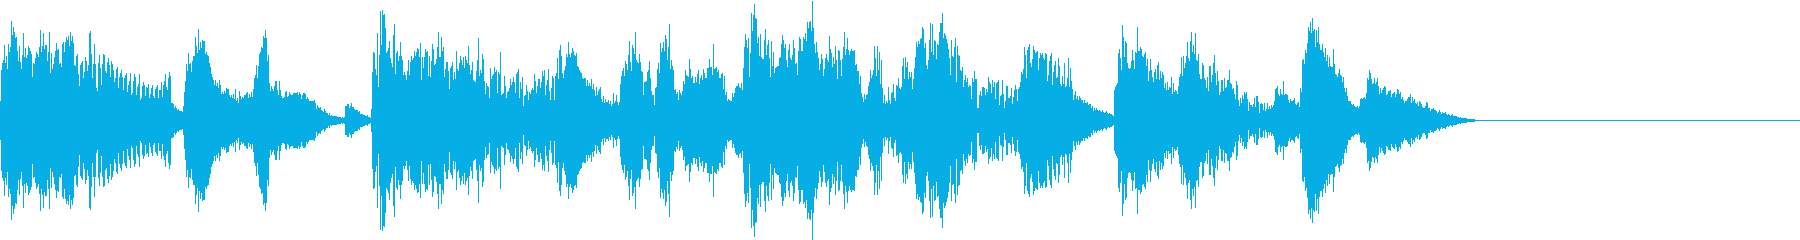 場面転換のジングルの再生済みの波形